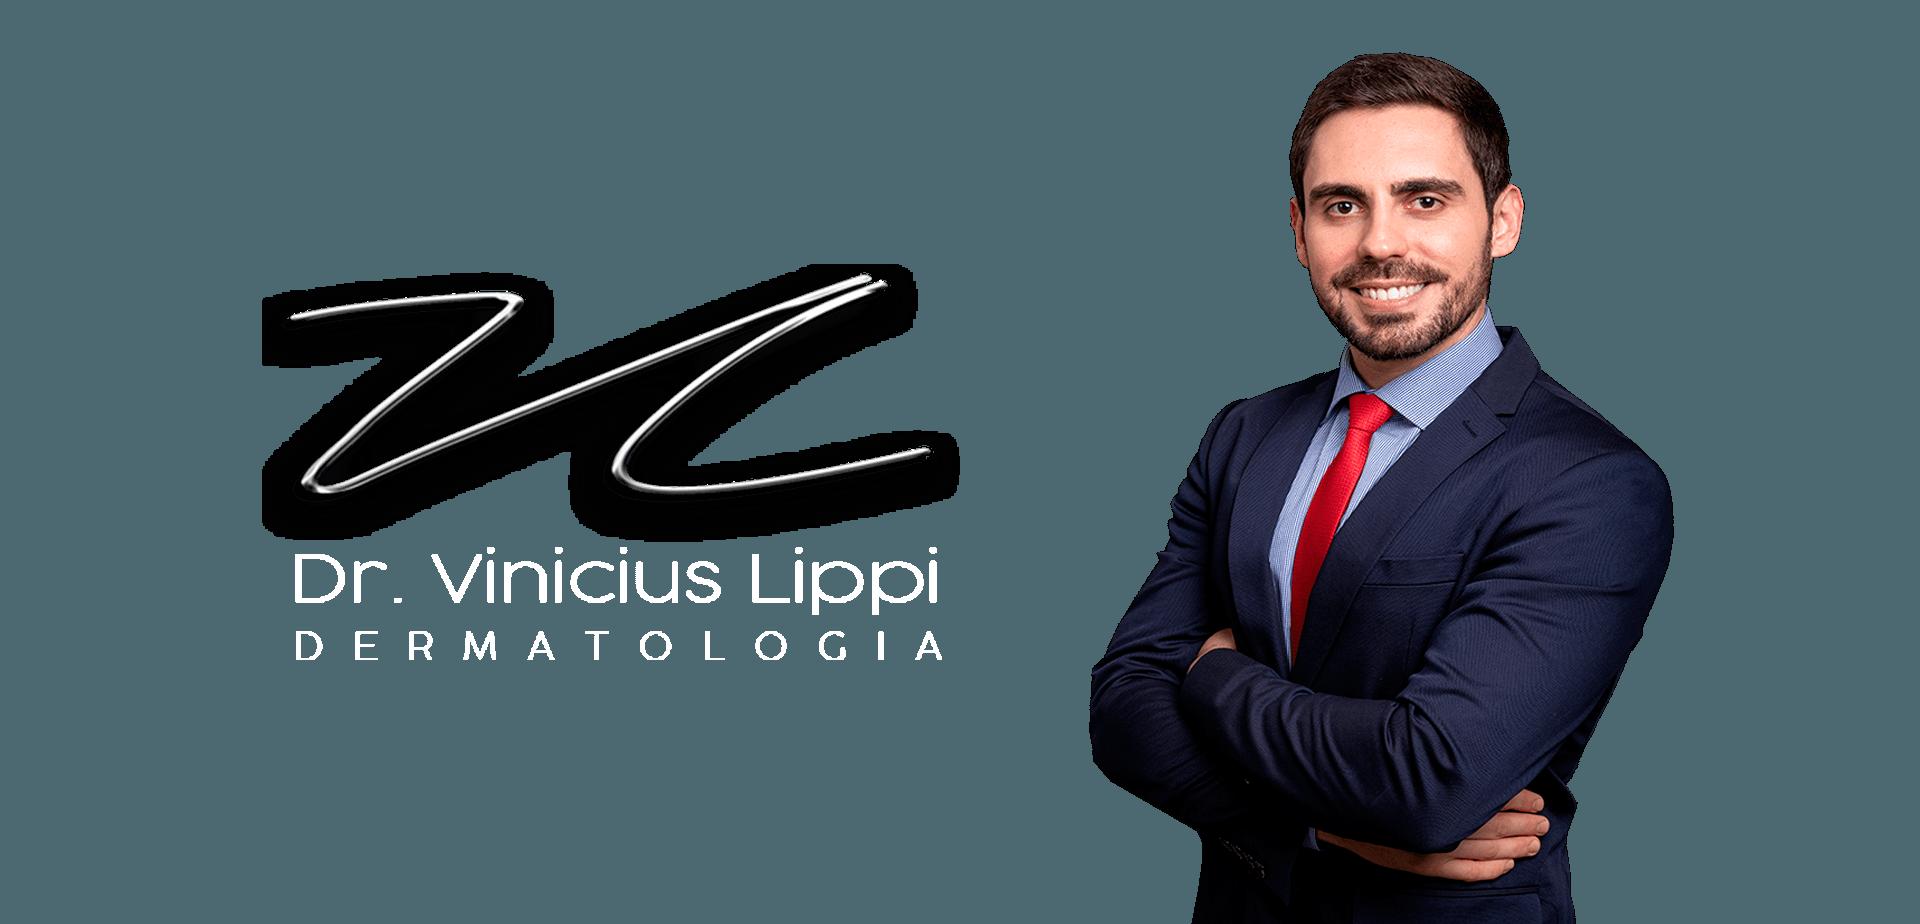 Dr. Vinicius Lippi